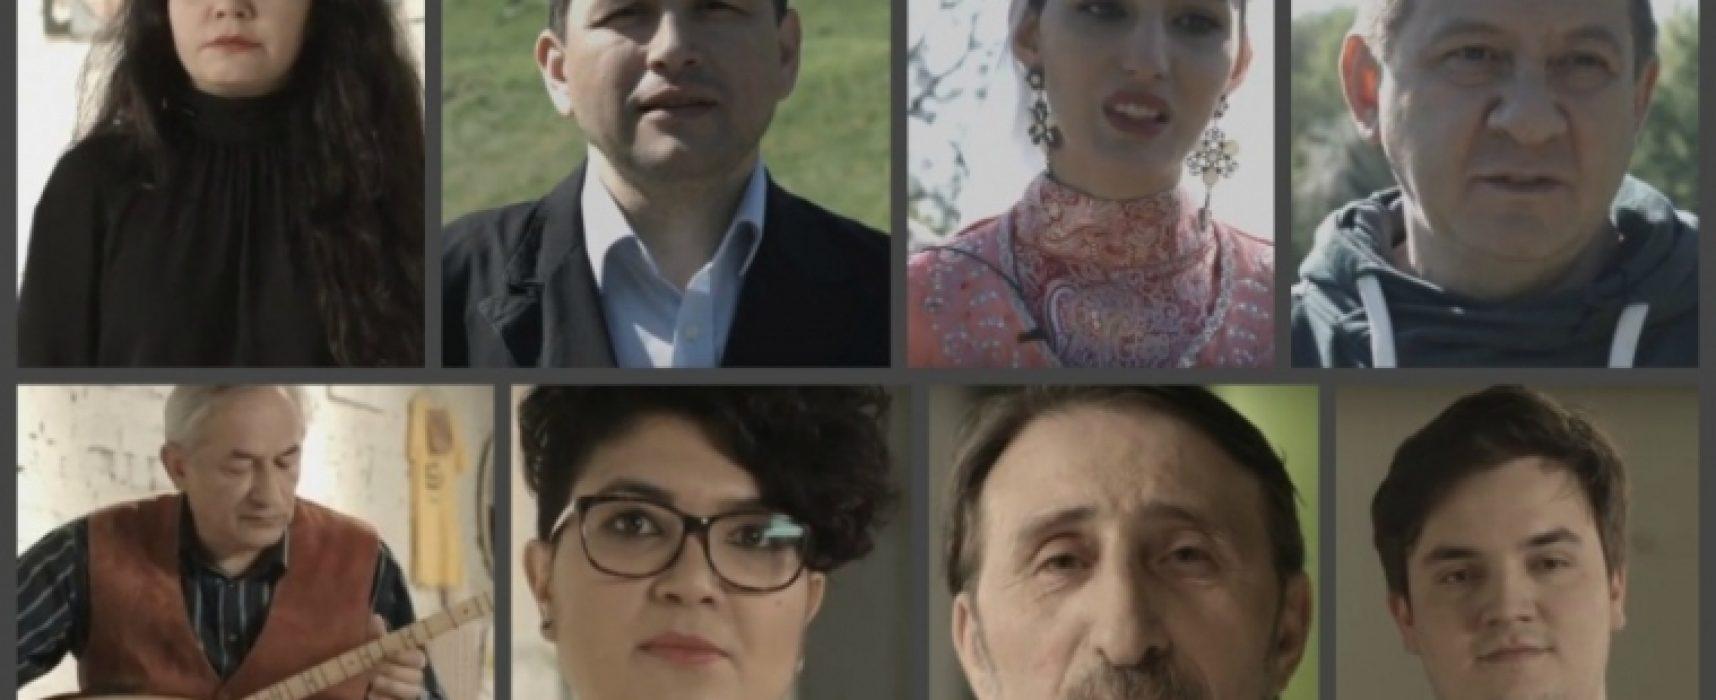 Крымские татары записали видеообращение о трагедии своего народа